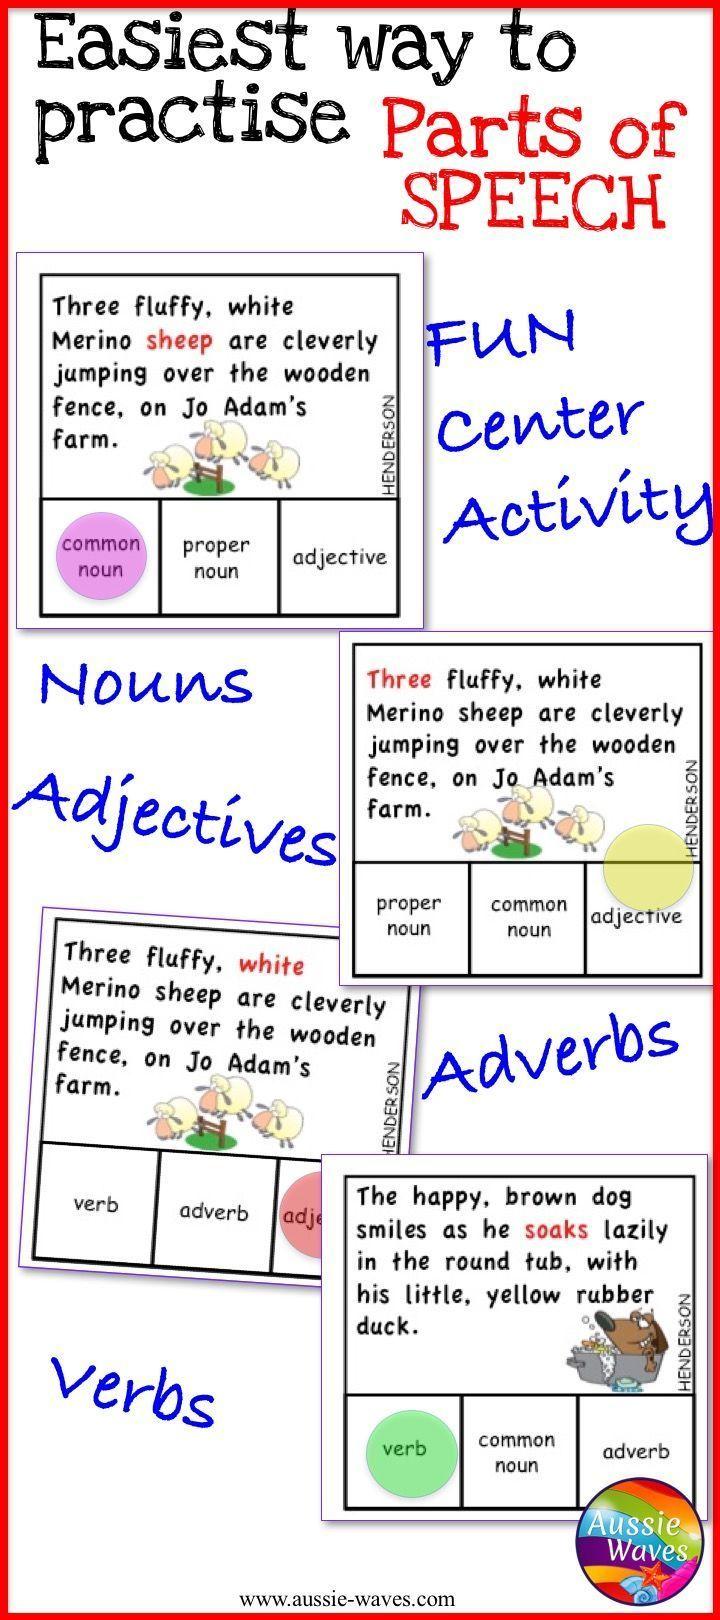 parts speech worksheets pronoun beginner worksheets - Parts Of Speech Worksheet